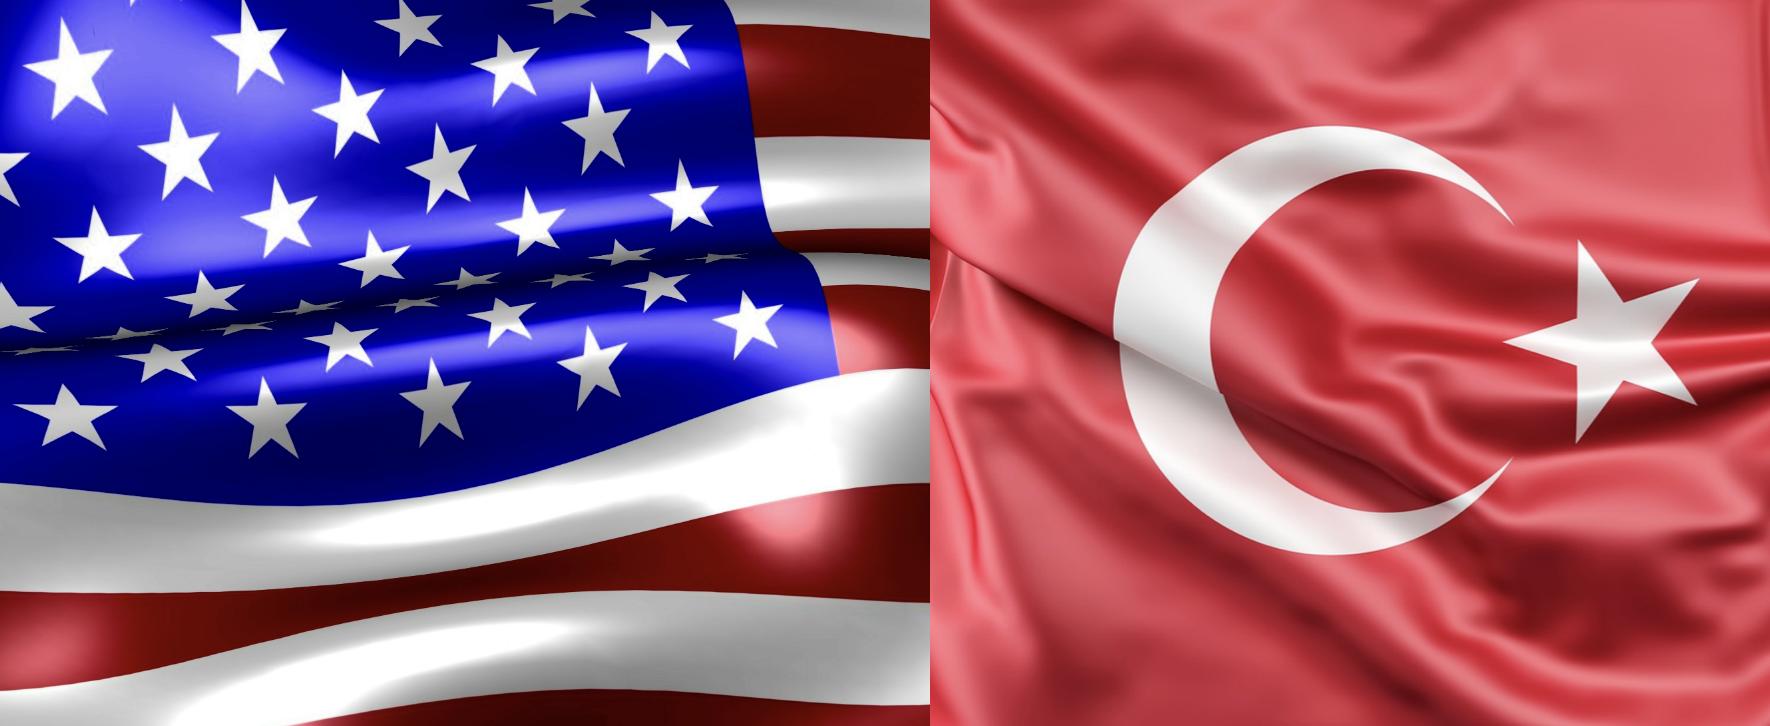 La Turquie et les Etats-Unis : Un premier entretien pour renforcer la coopération entre les deux pays